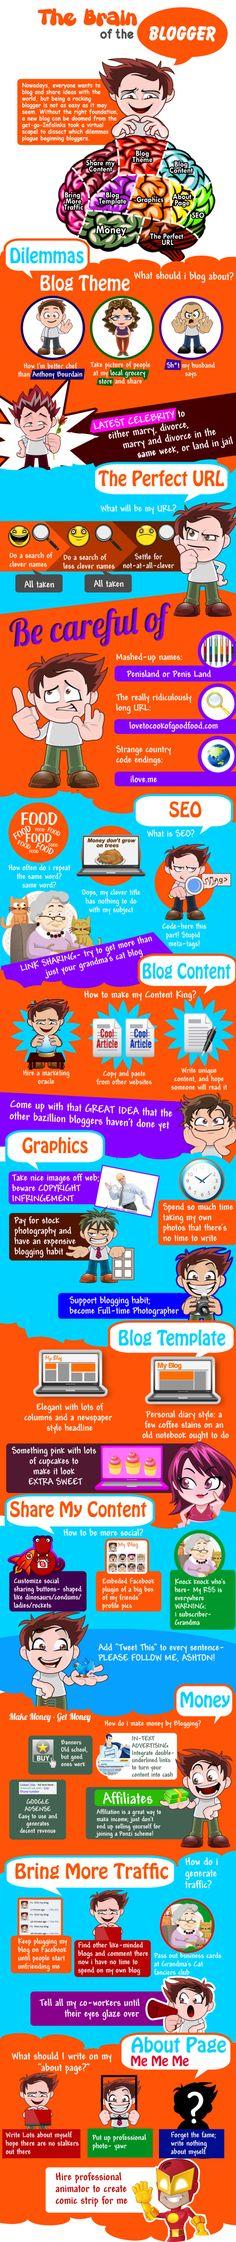 El cerebro de un blogger #infografia #infographic #socialmedia